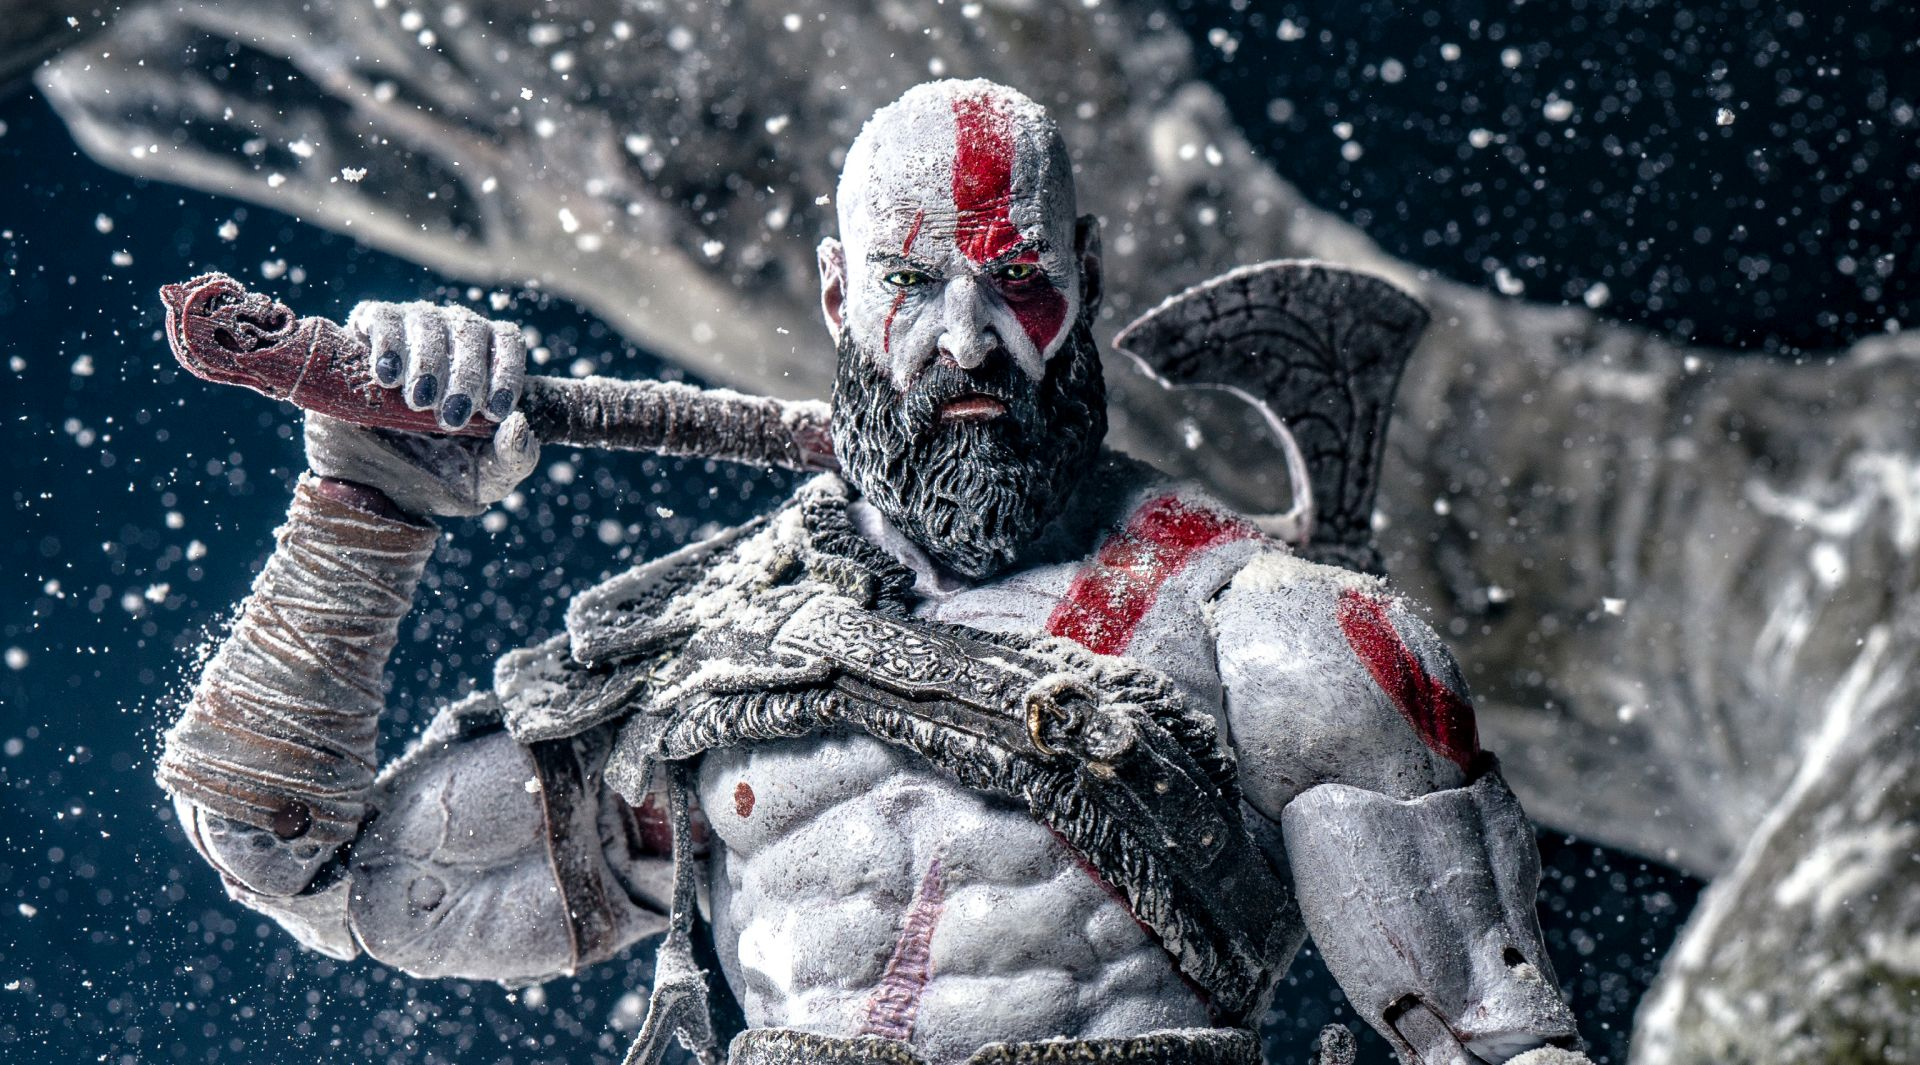 سومین بهروزرسانی کم حجم بازی God Of War منتشر شد